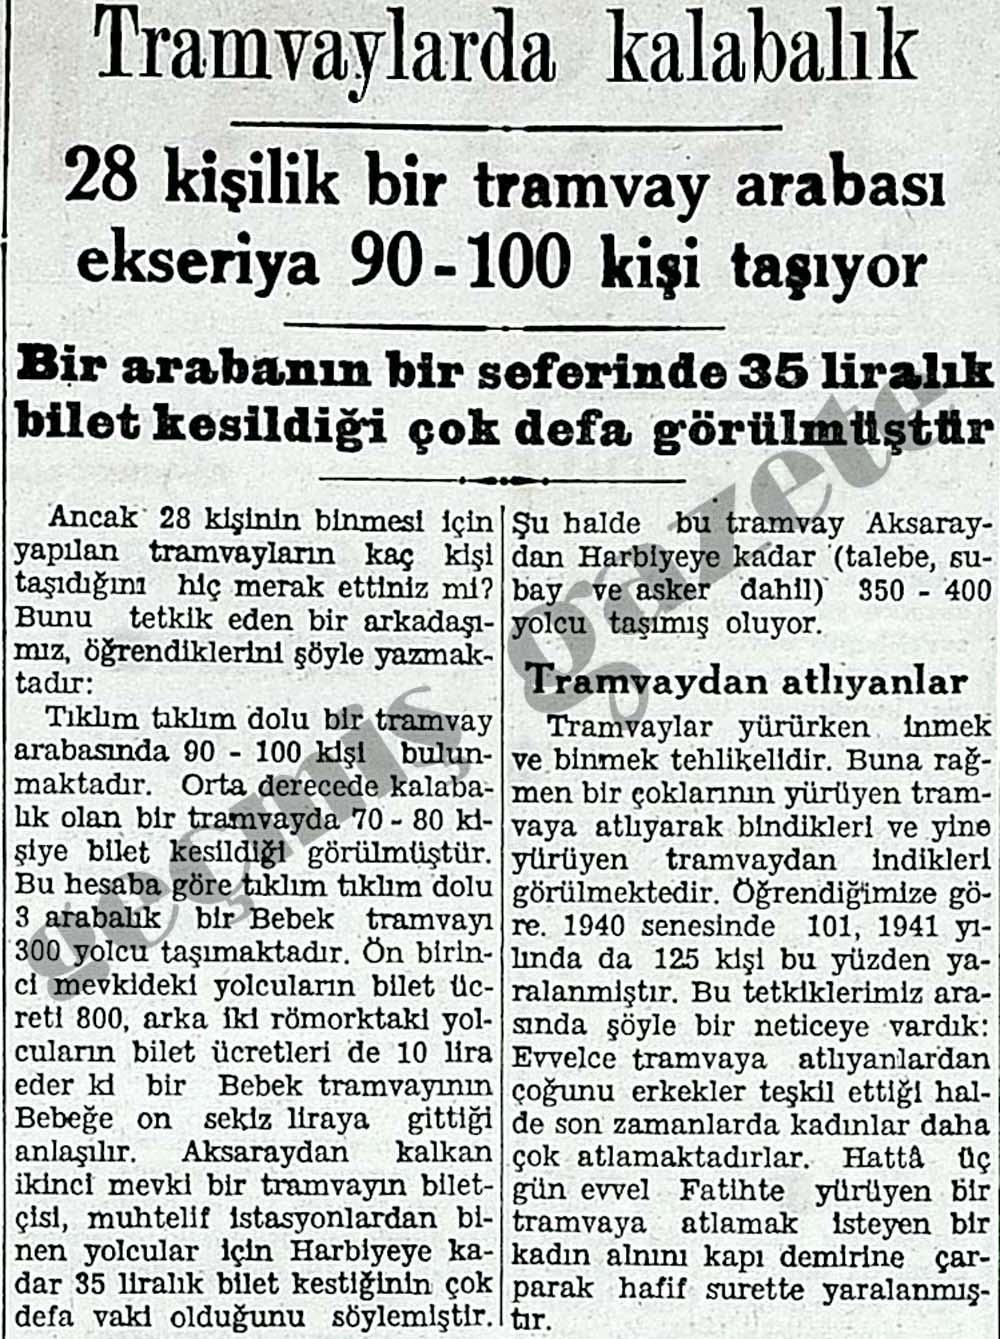 28 kişilik bir tramvay arabası ekseriya 90-100 kişi taşıyor